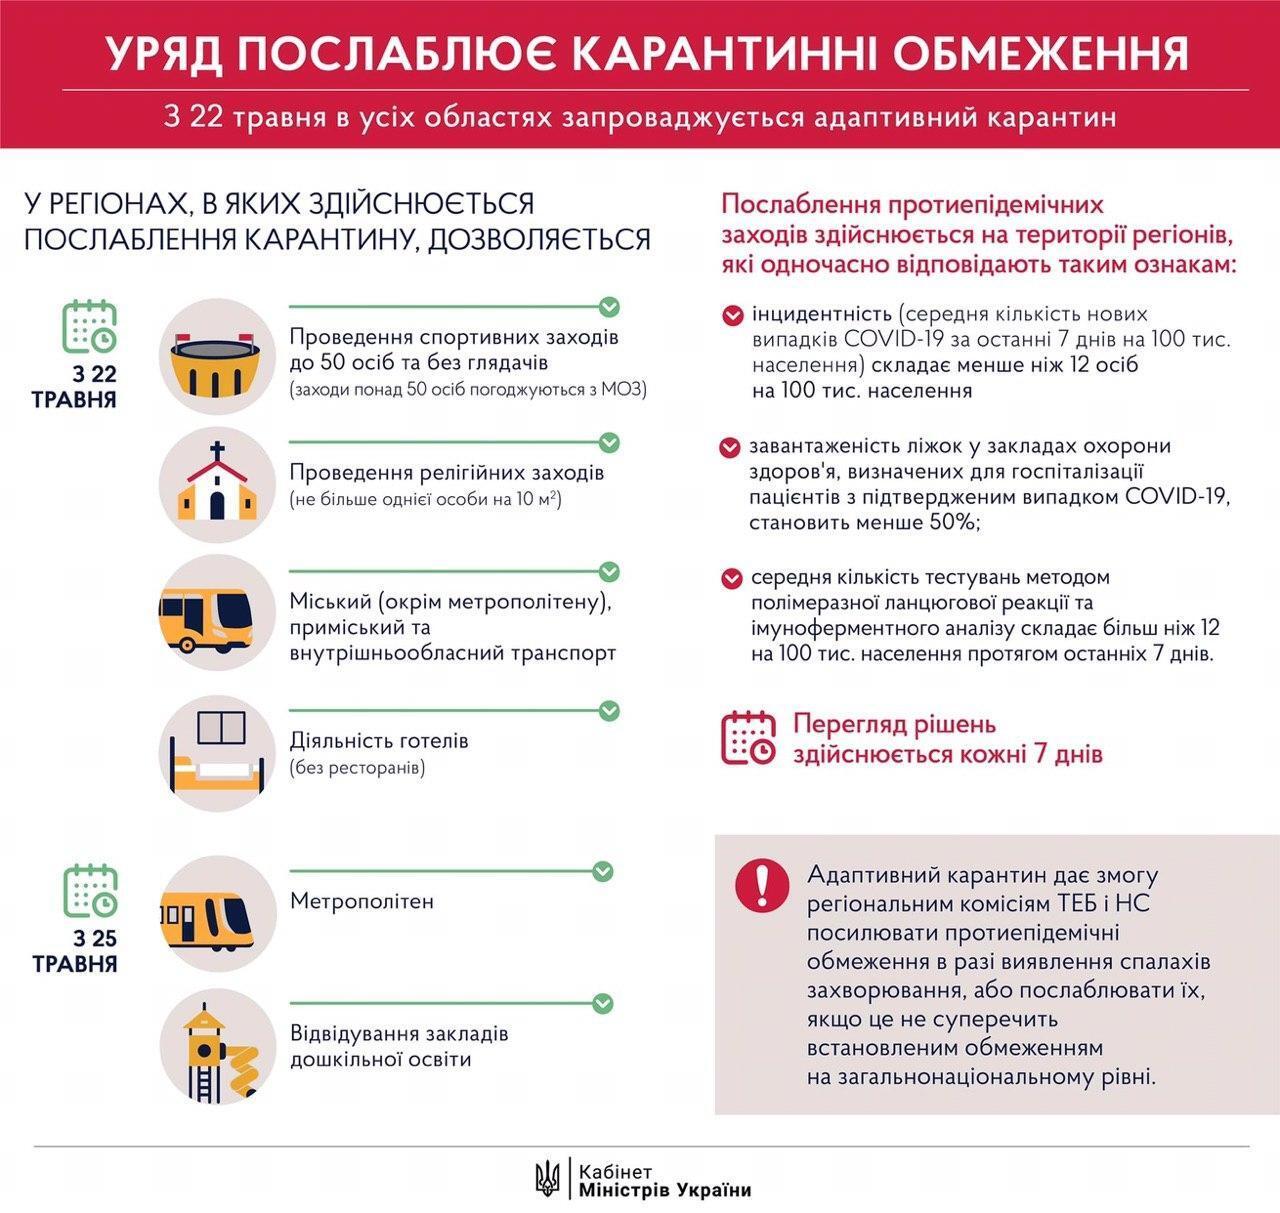 Карантин в Україні продовжили до 22 червня, але ослабили: що зміниться